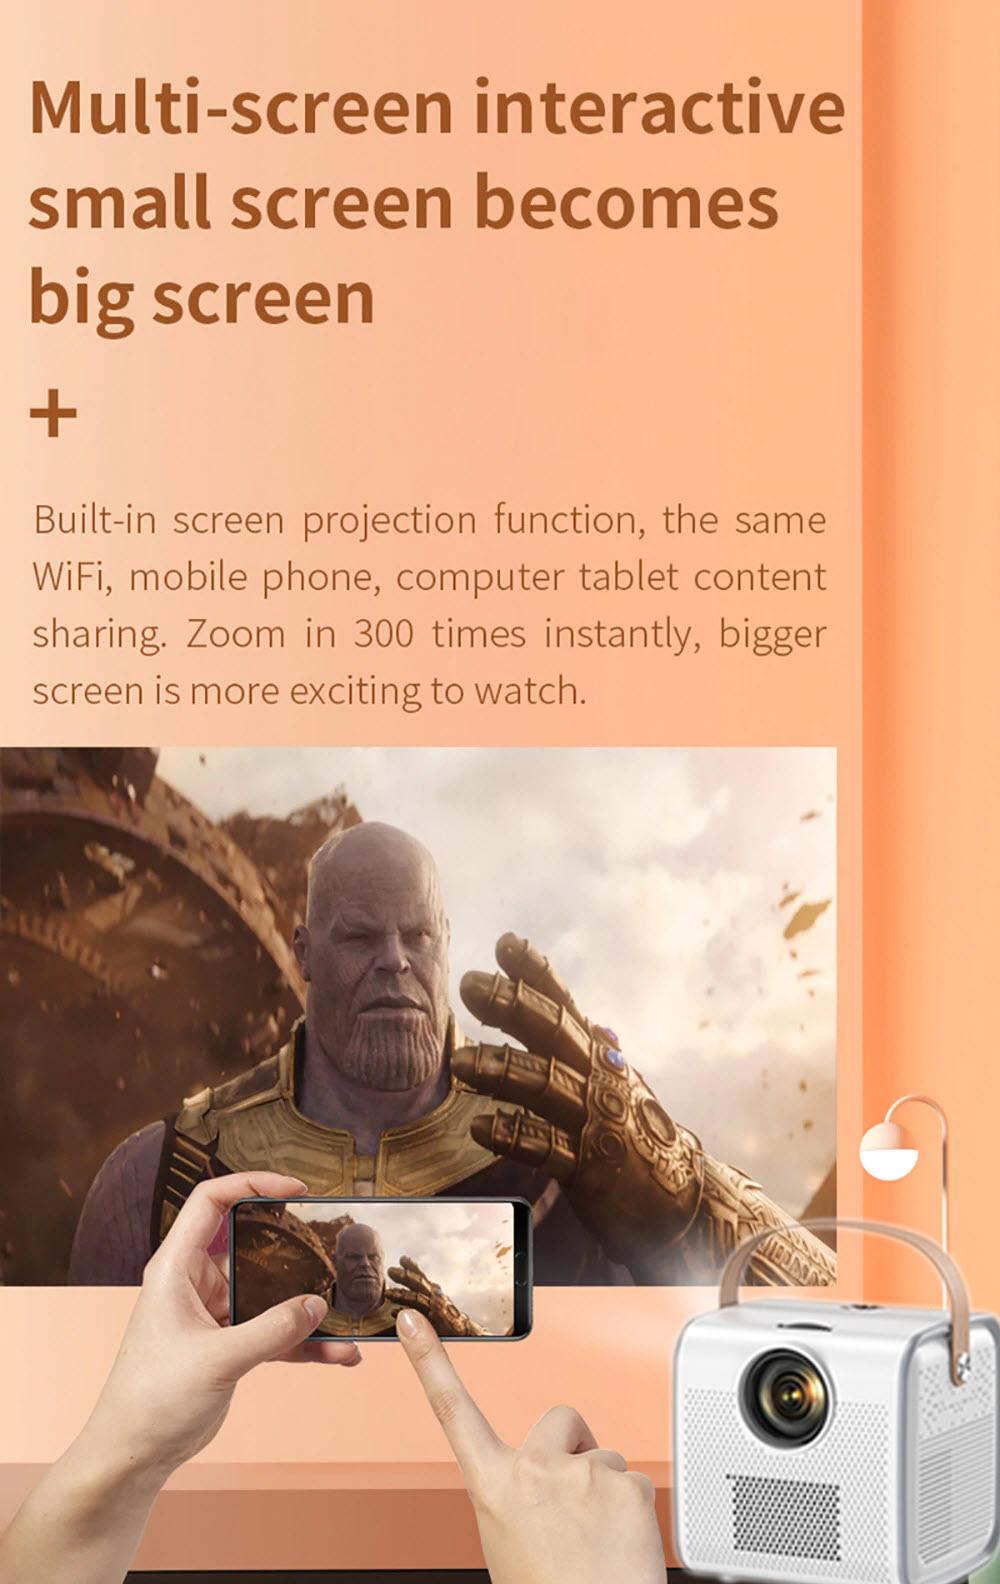 Máy Chiếu Thông Minh Thế Hệ Mới Hỗ Trợ Tiếng Việt HĐH Android 6.0 RAM 1Gb/ROM 8Gb Kết Nối Wifi, Bluetooth 4.0 Các Cổng AV/USB/HDMI/TF Độ Phân Giải Full HD 1280x720p Kèm Chân Đế Xoay